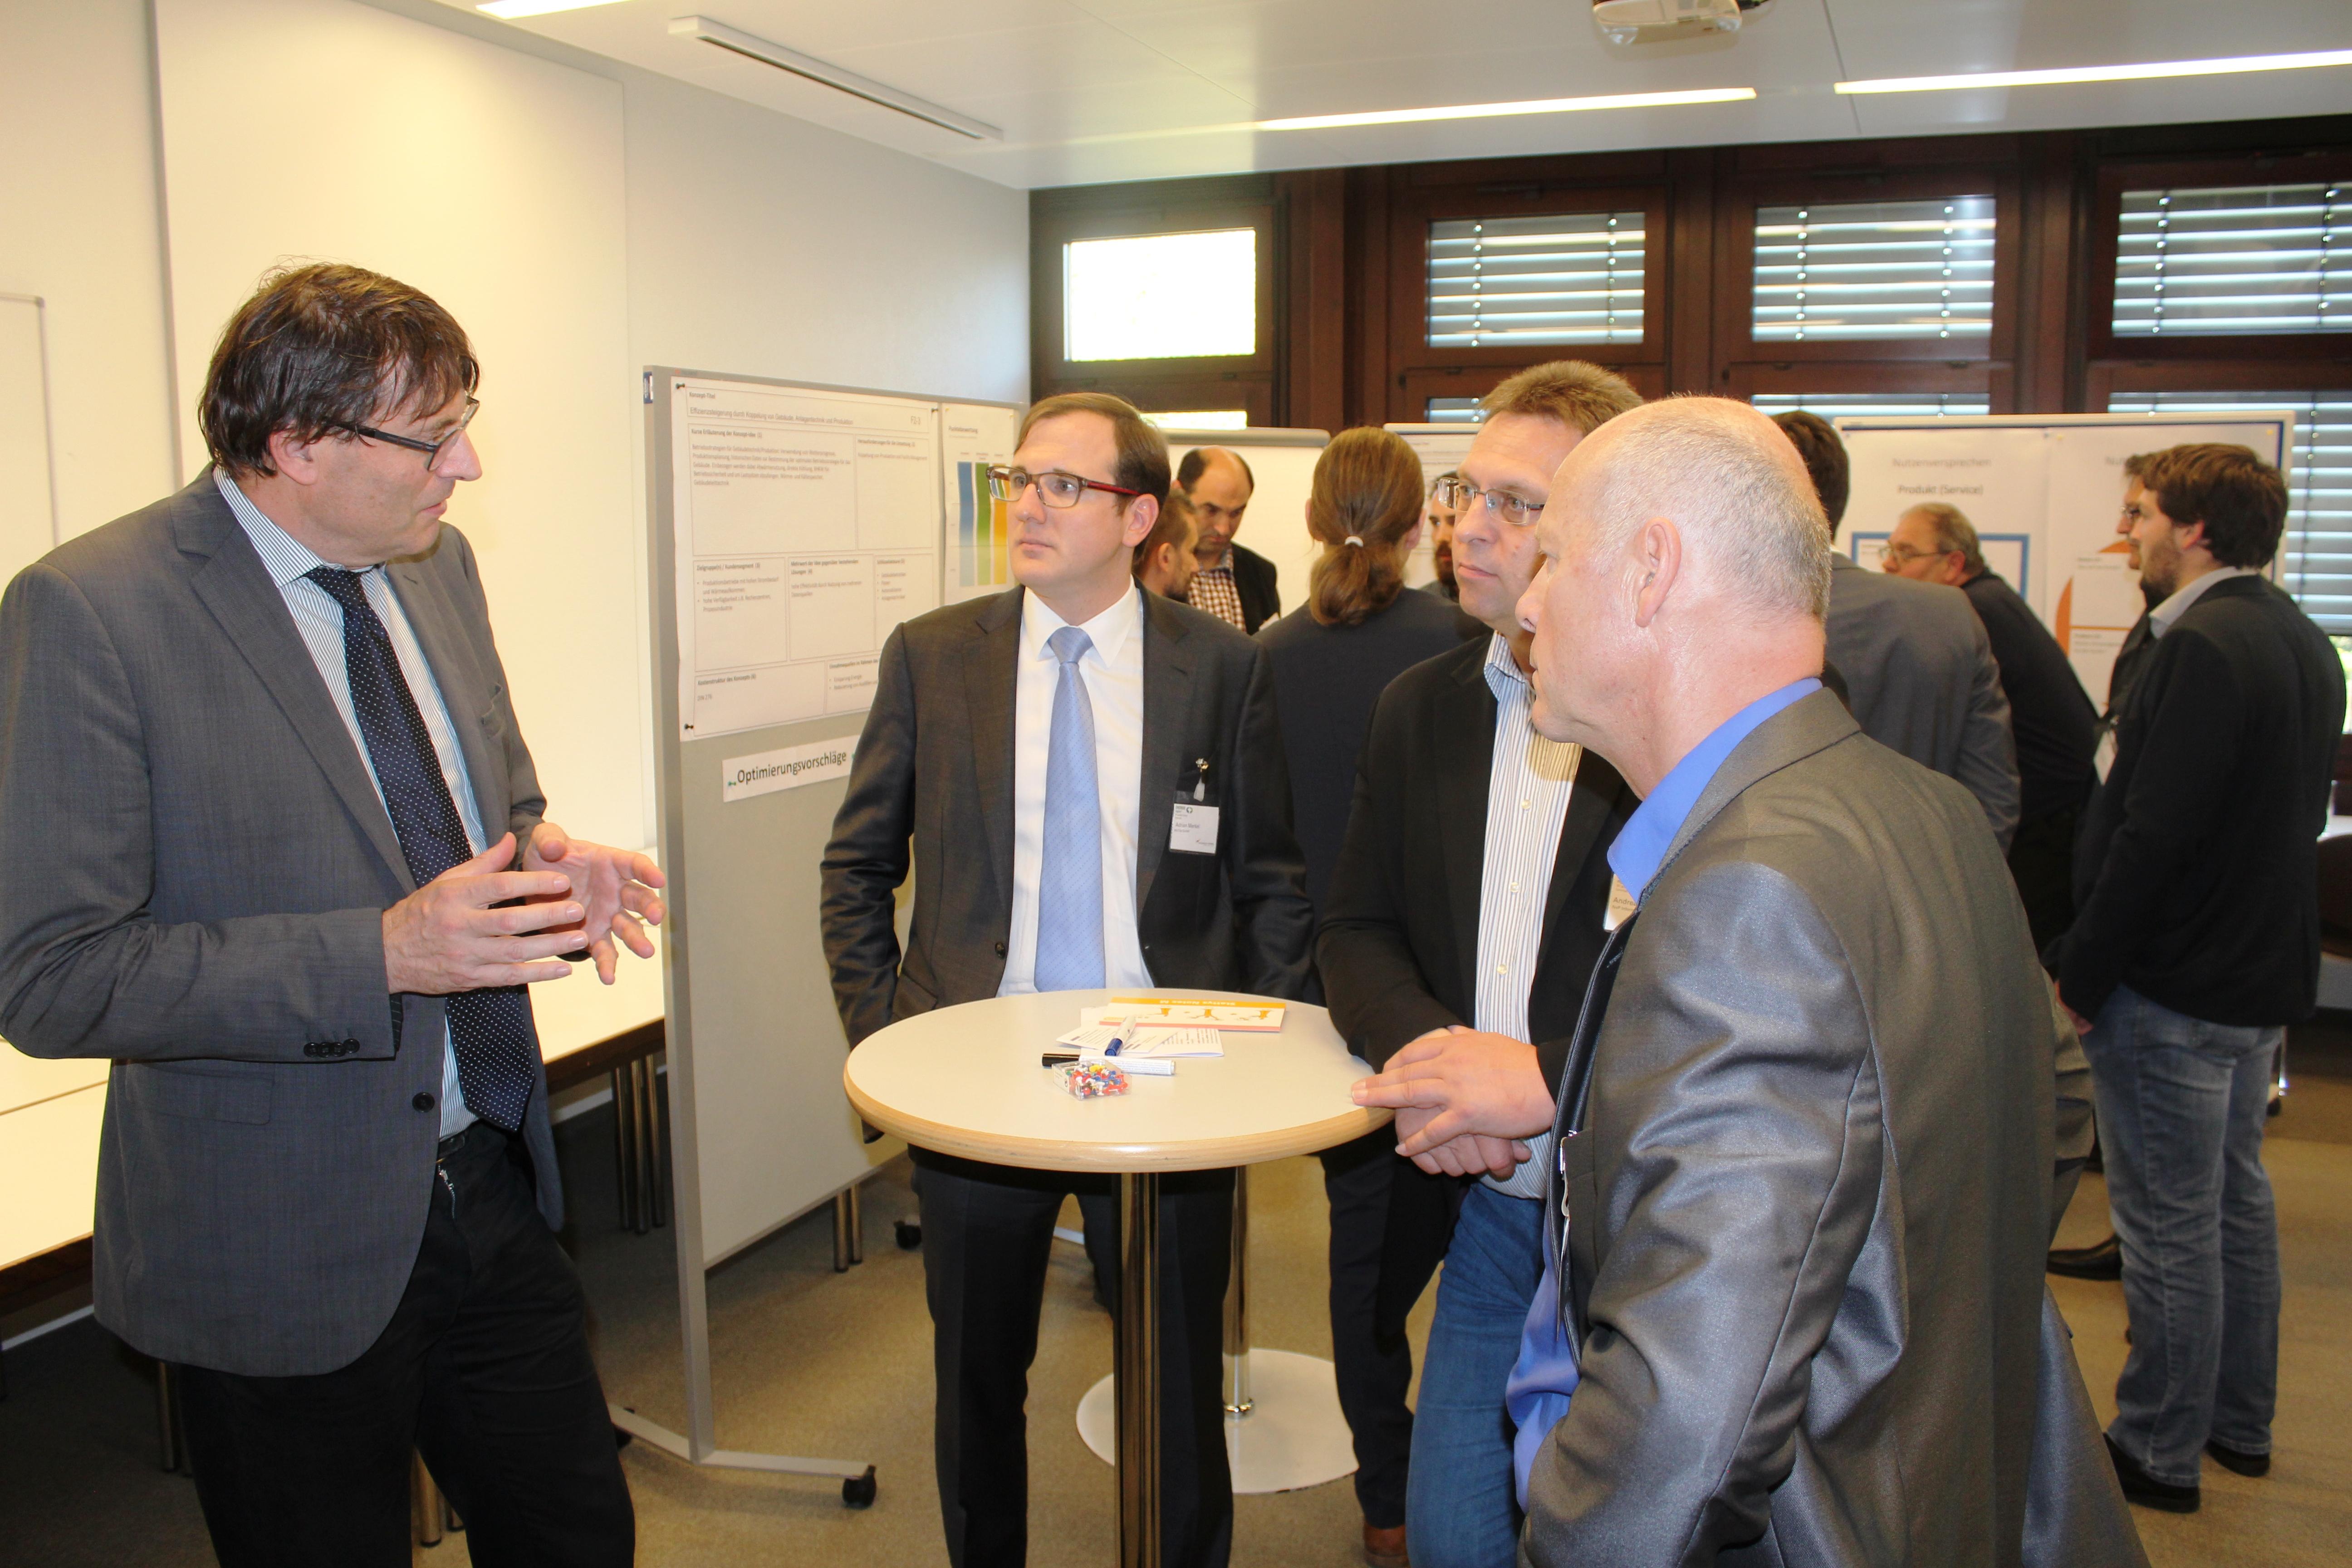 Nachhaltige Energiesysteme Innovationsforum ENERGIEregion Nürnberg e.V.